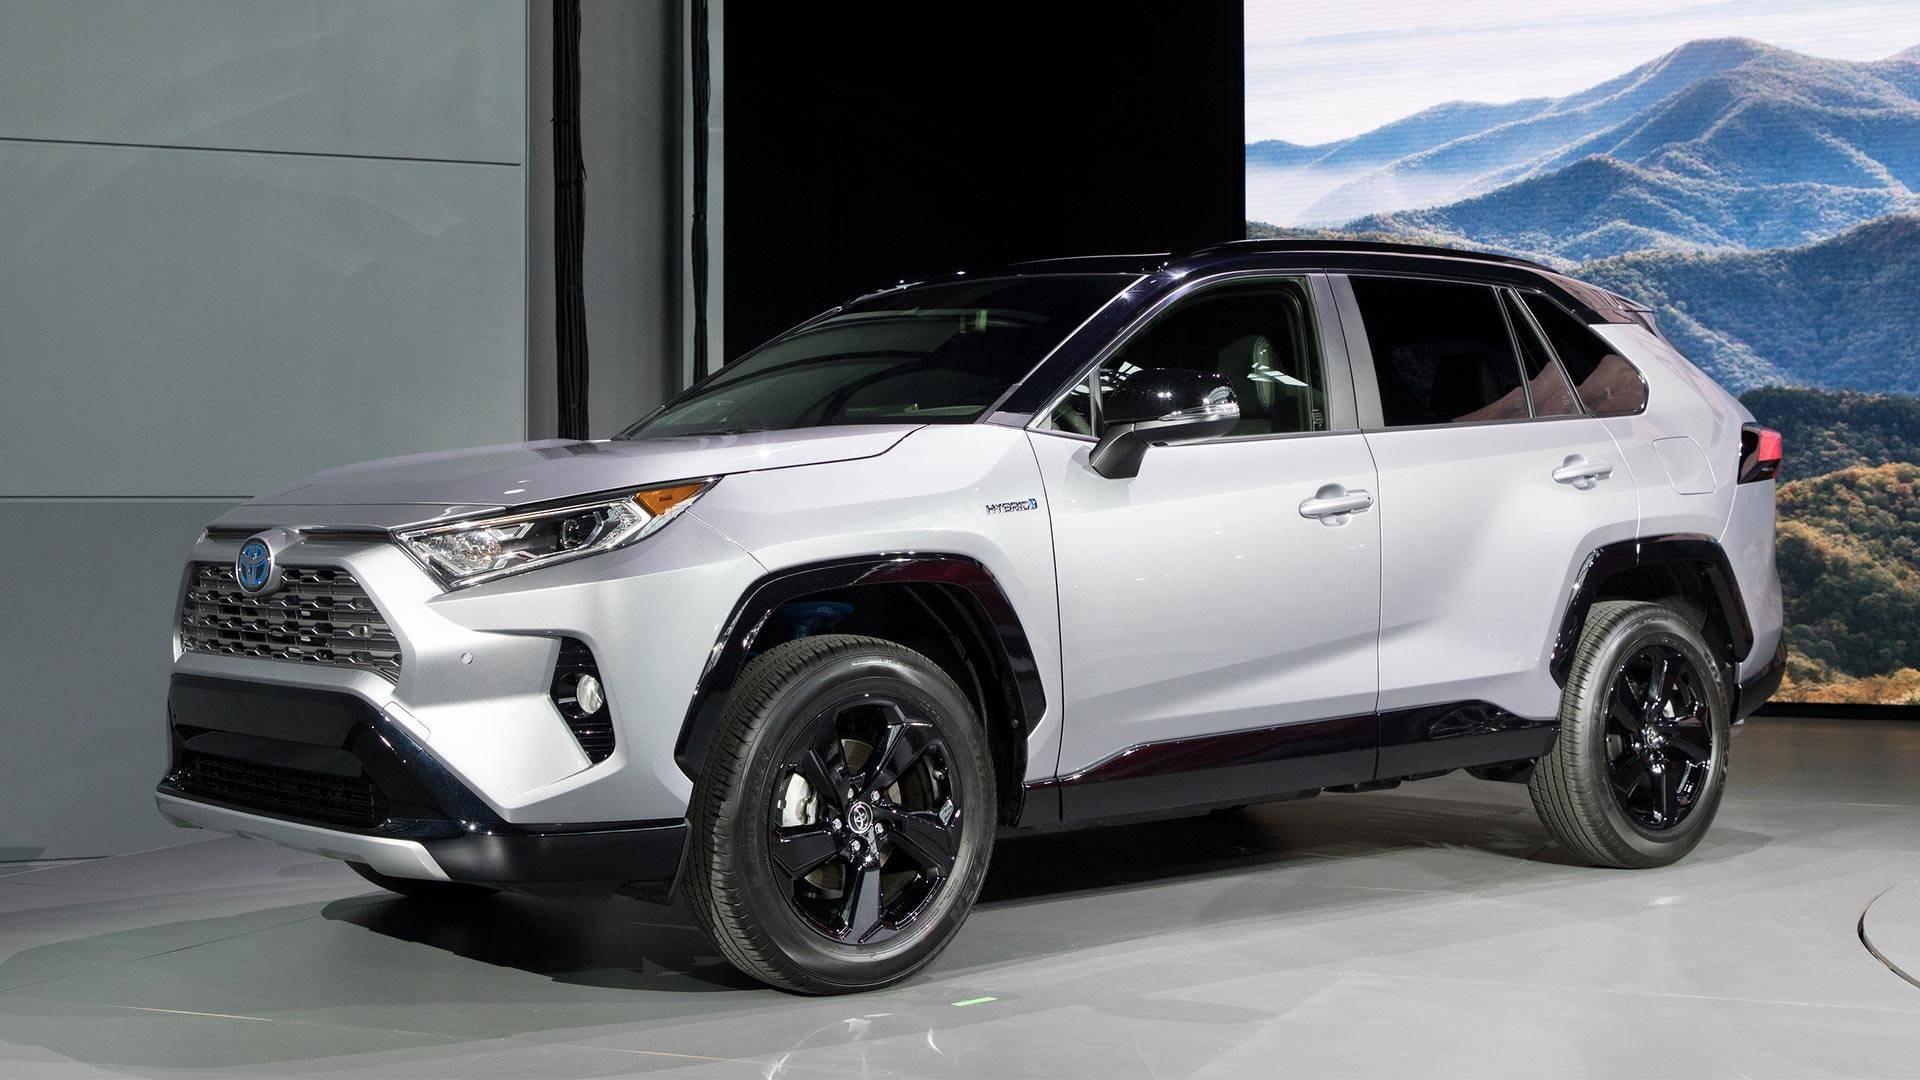 انتشاراطلاعات تکمیلی از تویوتا RAV4 مدل 2019